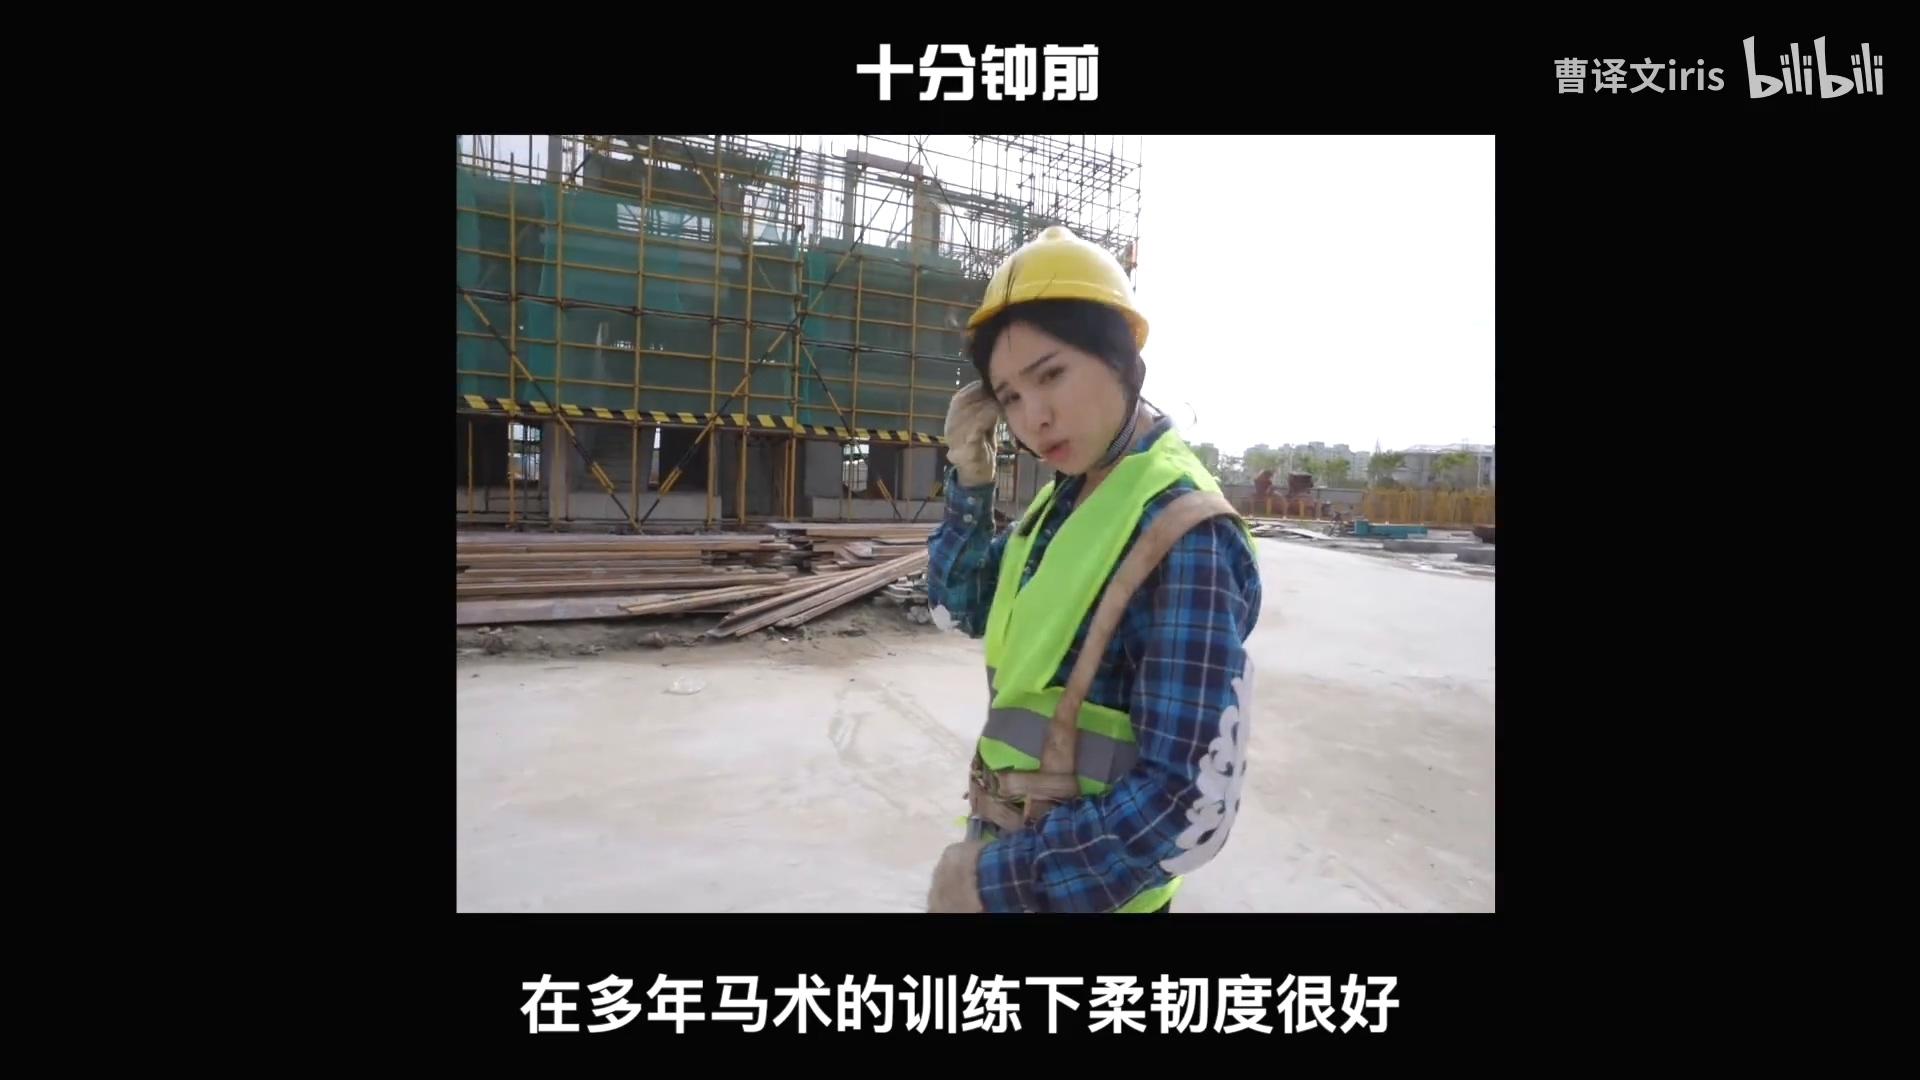 国际歌 曹译文iris 炫富 凡尔赛